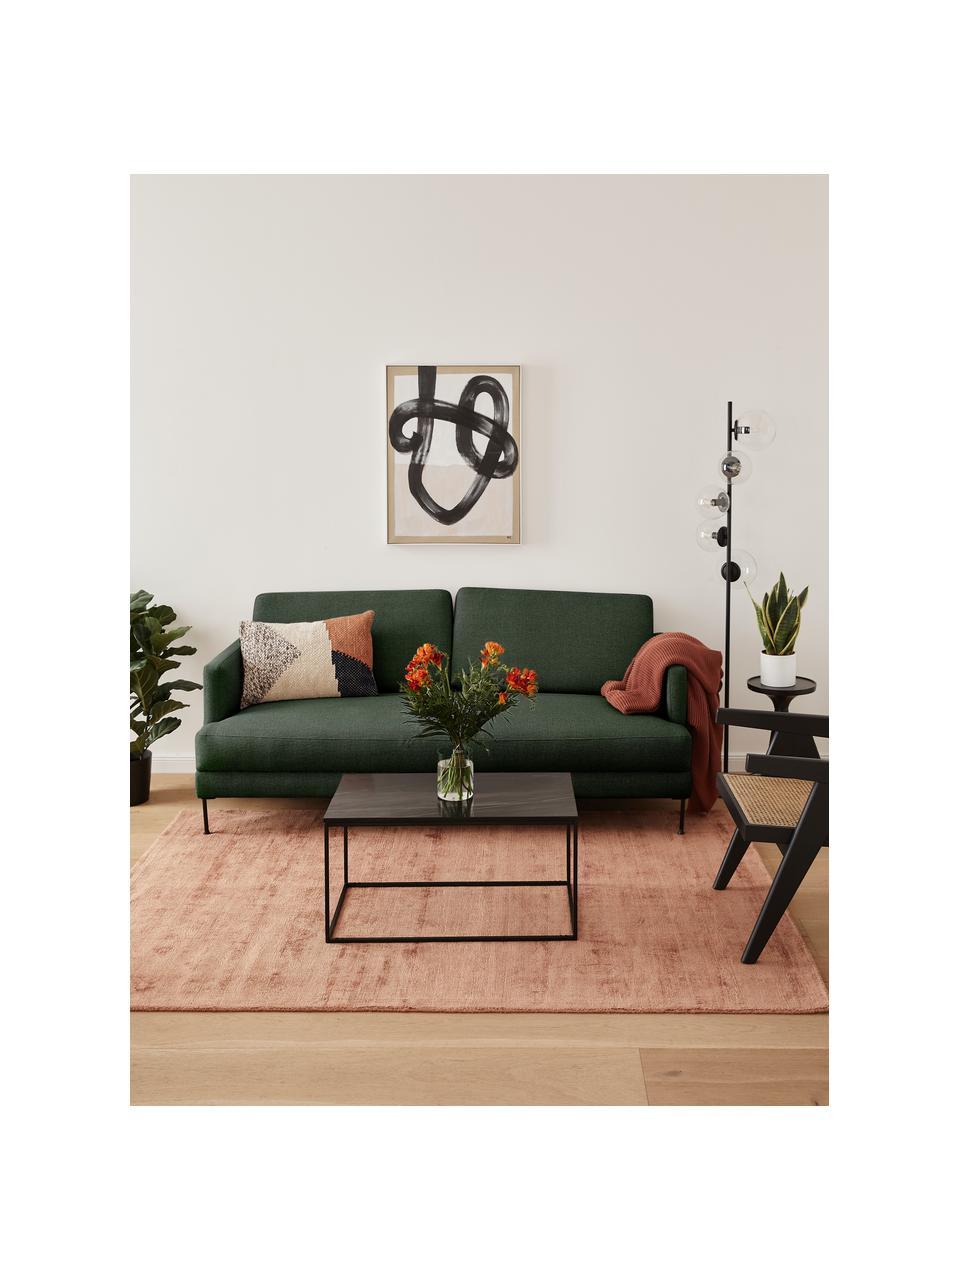 Sofa Fluente (2-Sitzer) in Dunkelgrün mit Metall-Füßen, Bezug: 100% Polyester Der hochwe, Gestell: Massives Kiefernholz, Füße: Metall, pulverbeschichtet, Webstoff Dunkelgrün, B 166 x T 85 cm